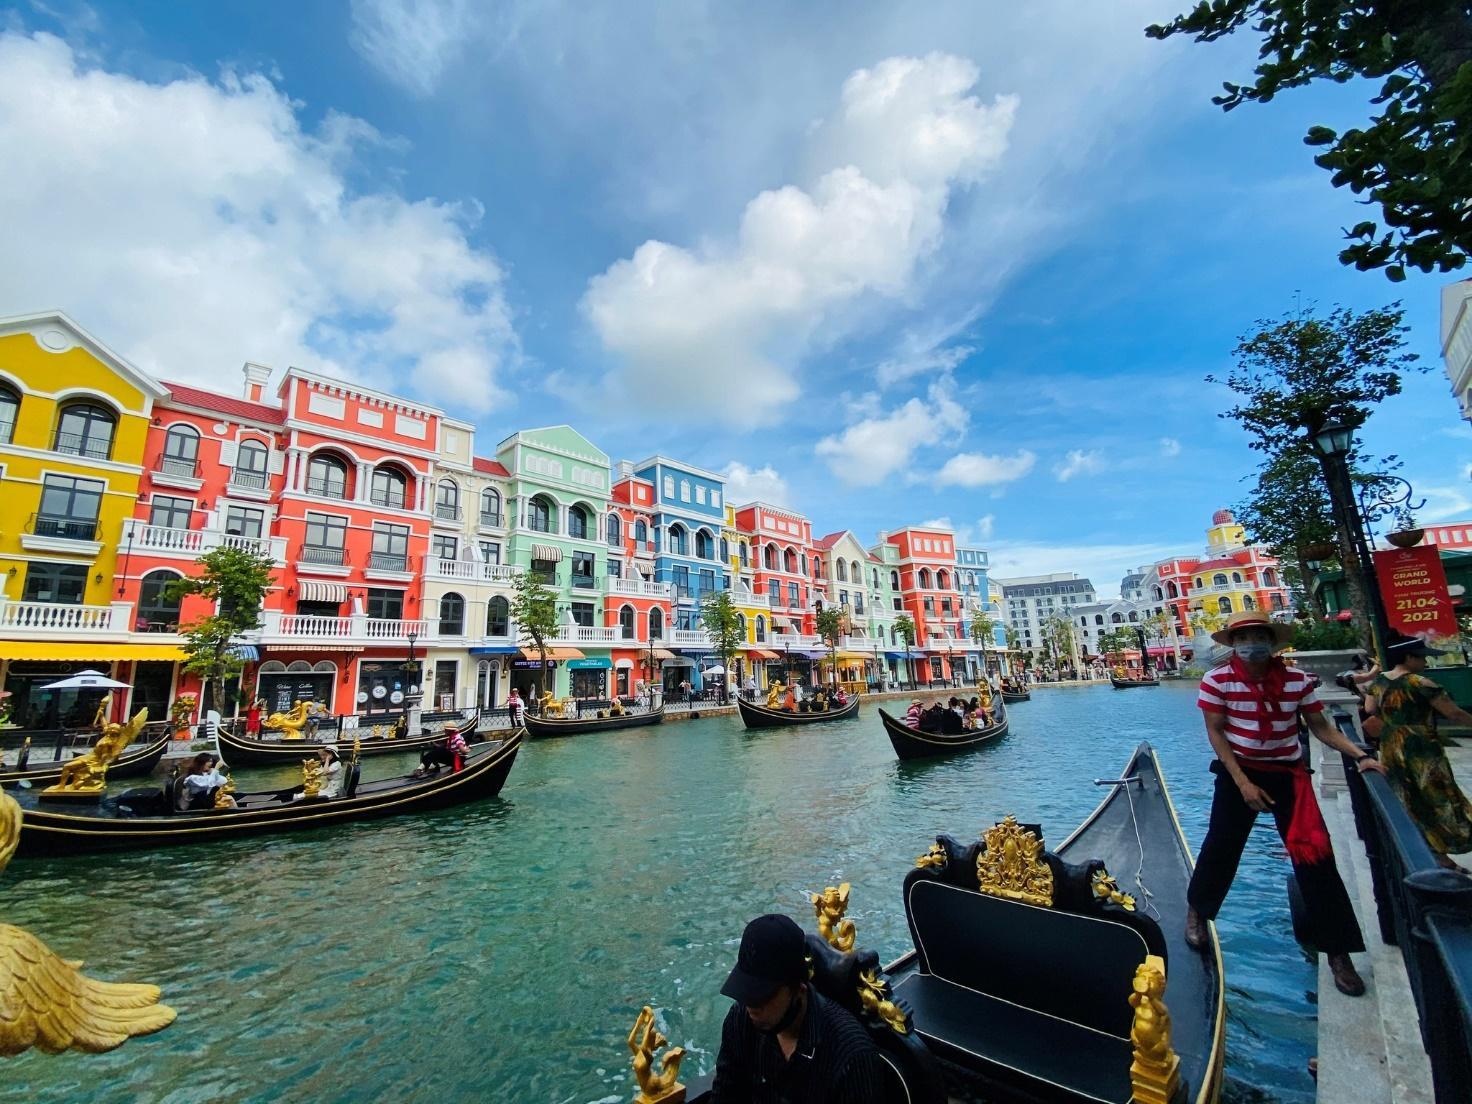 Cuồng nhiệt ở 'thành phố không ngủ' đầu tiên của Việt Nam - ảnh 5